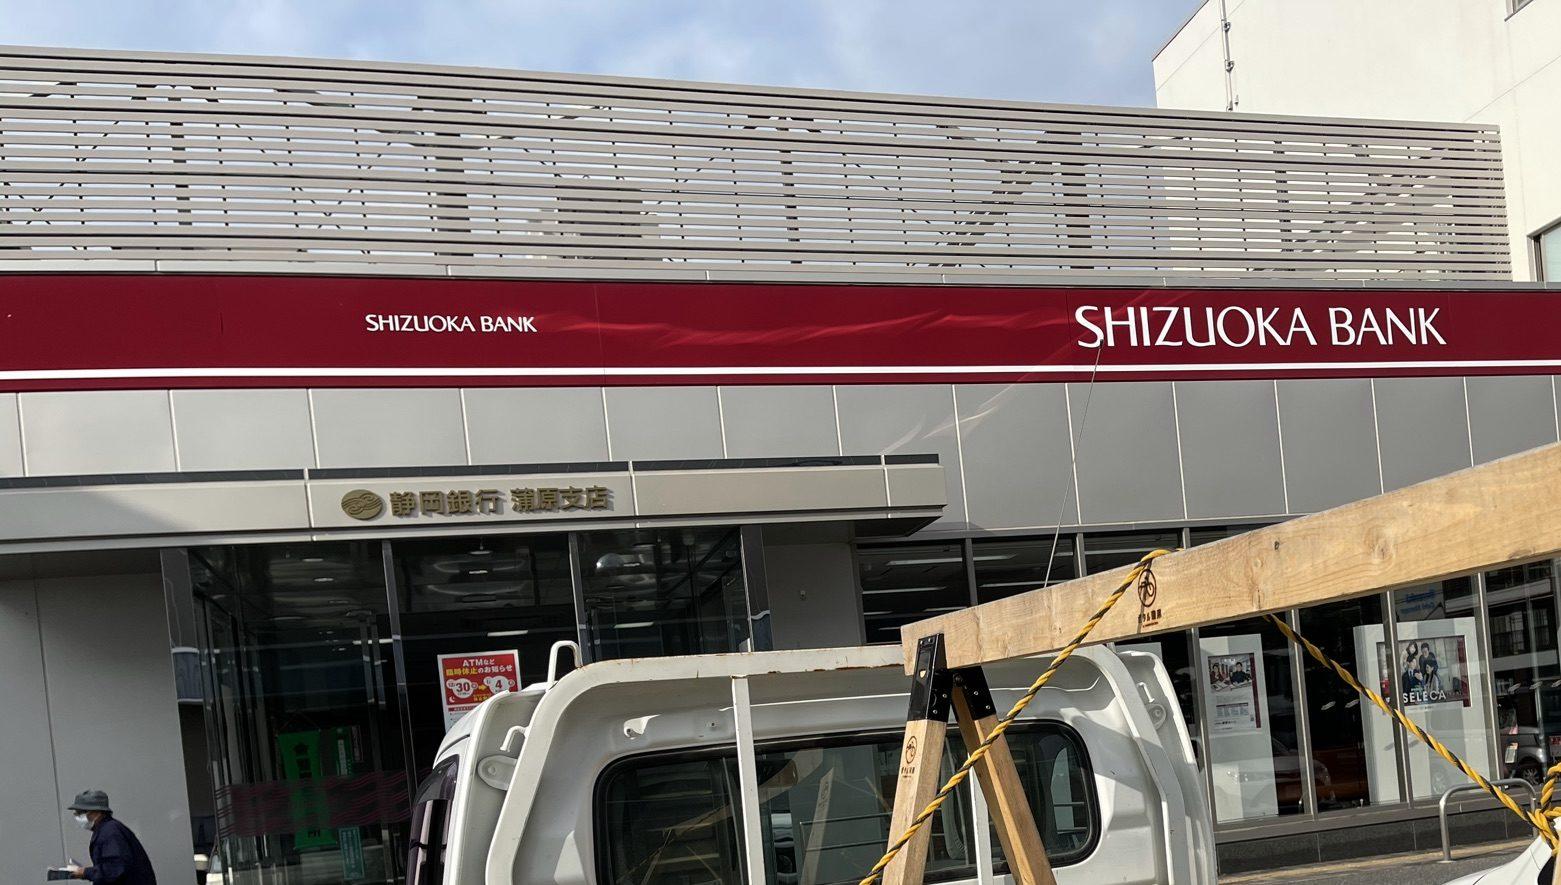 ポタルラック8 静岡銀行蒲原支店